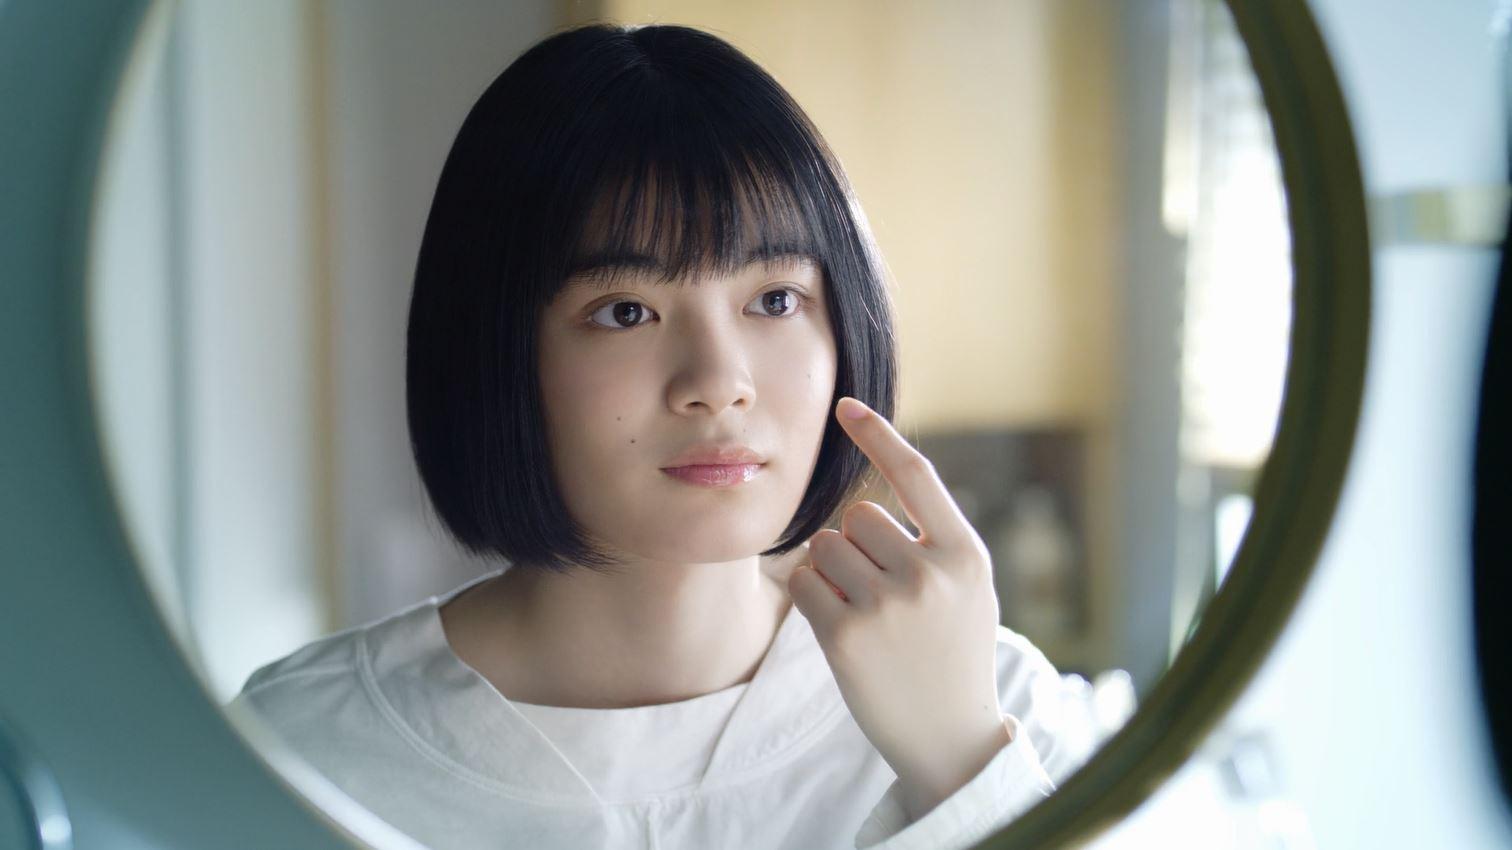 吉田美月喜/アキュビュー® 新CM